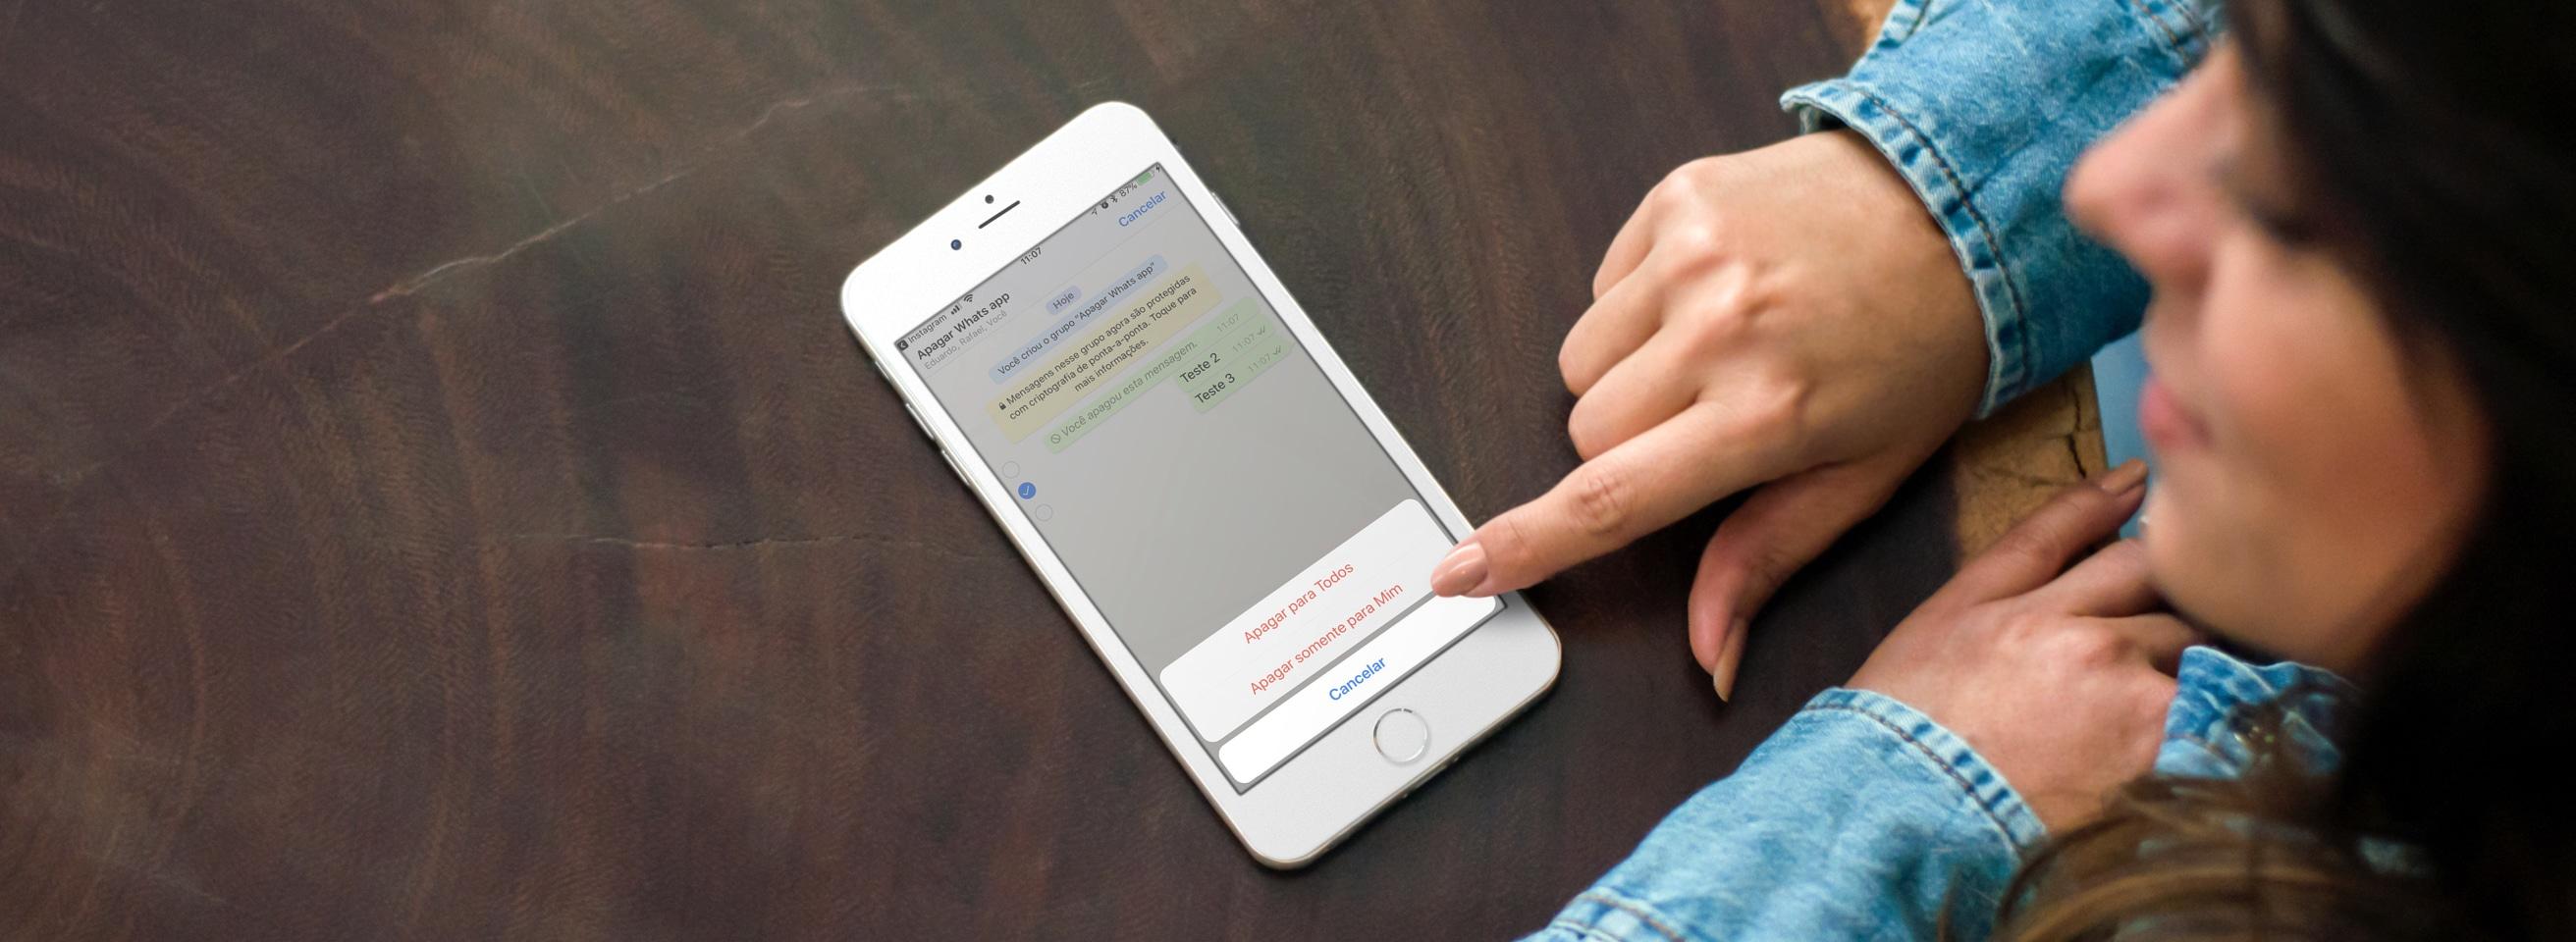 Apagando mensagens para todos no WhatsApp